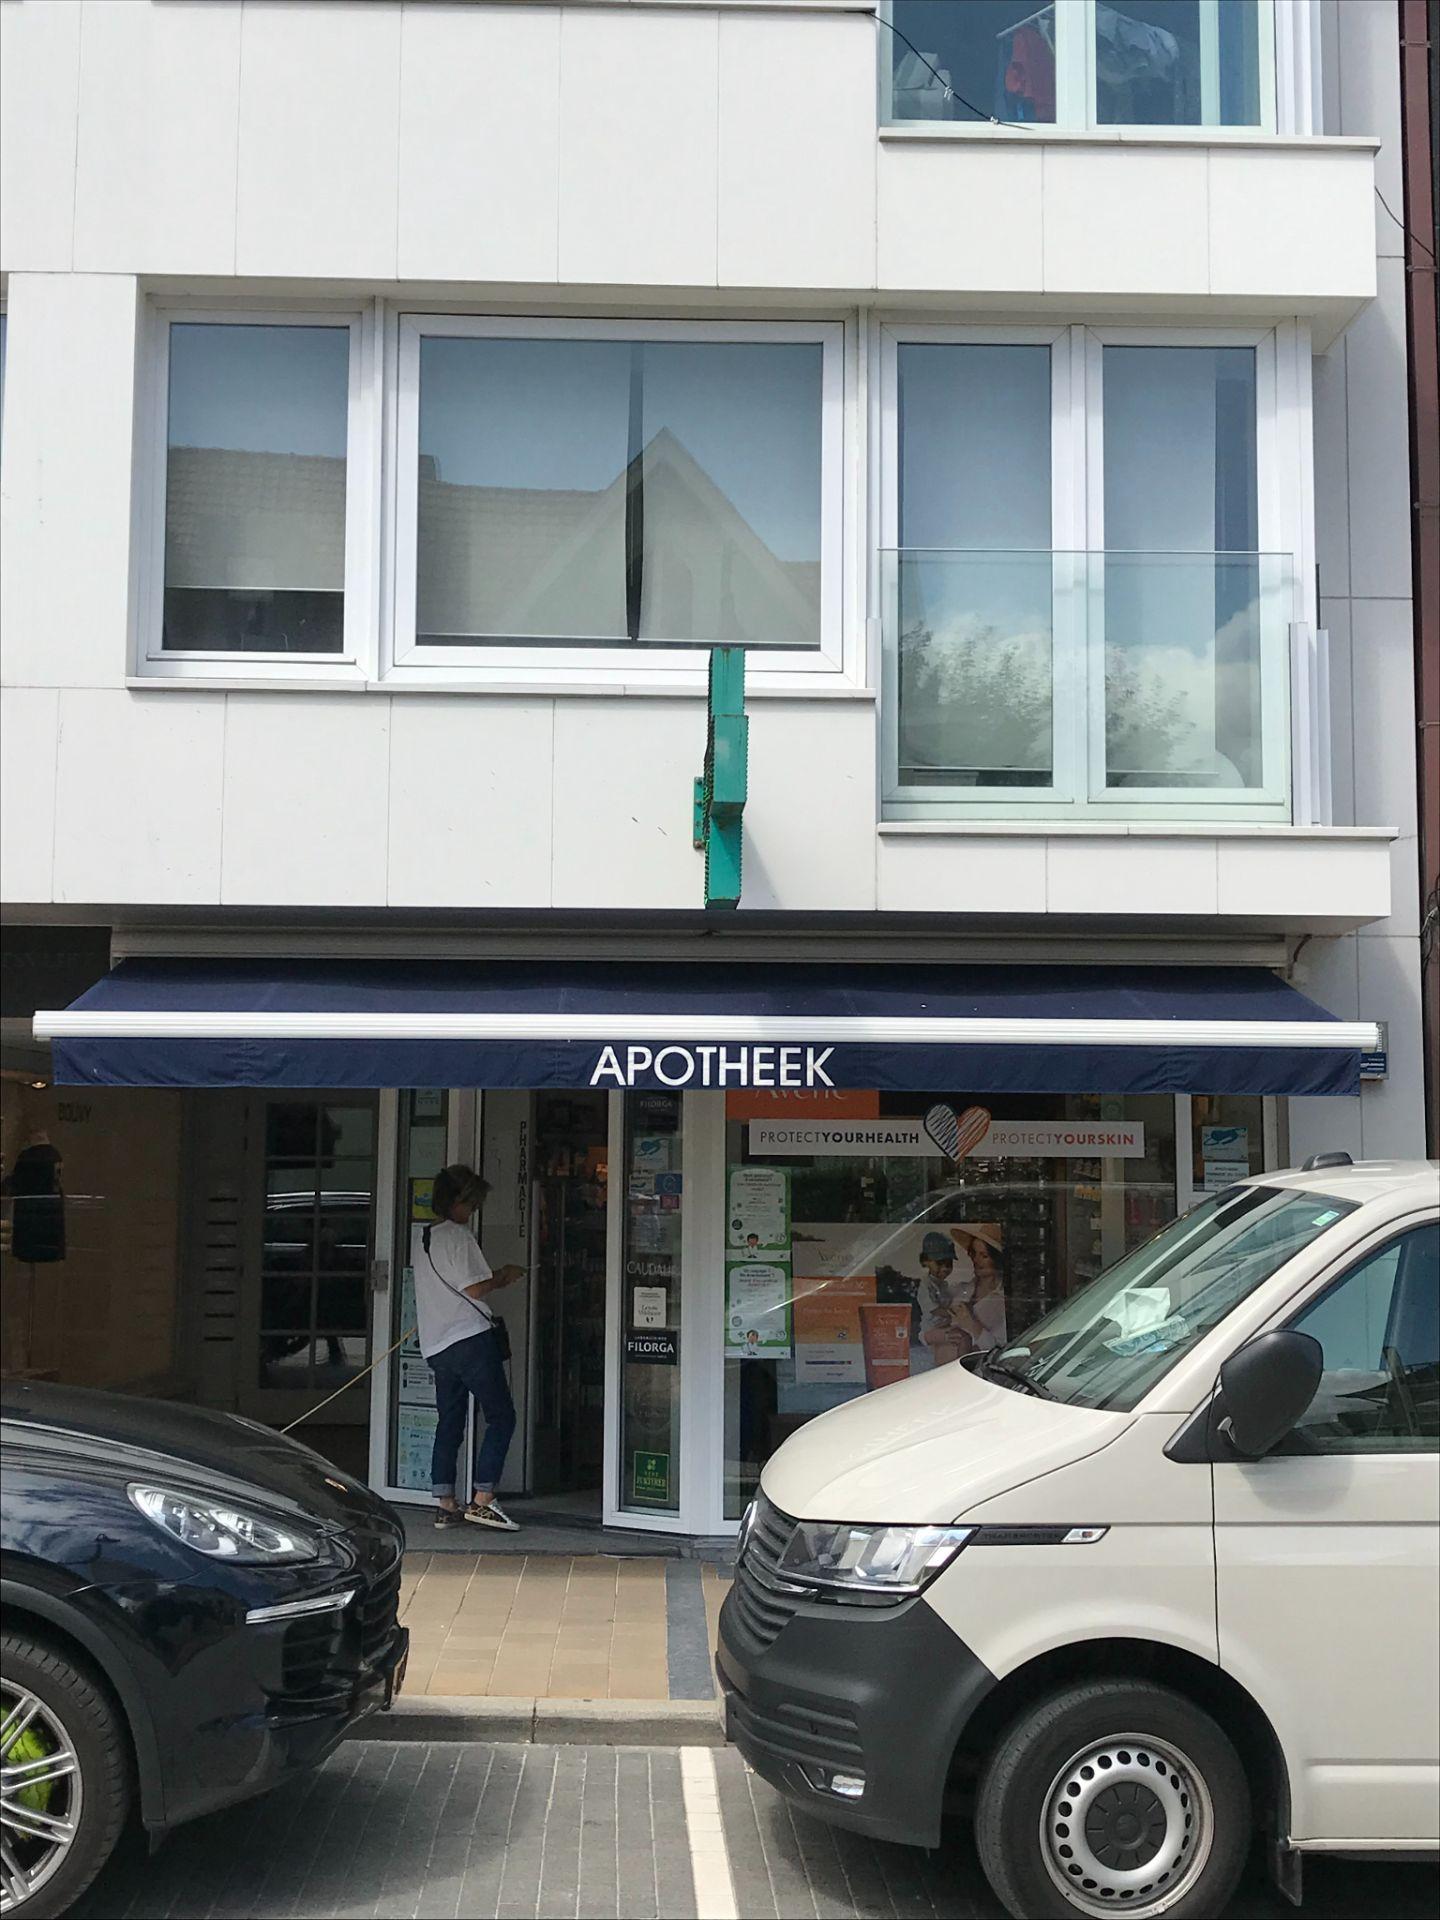 Pharma Zoute1 - KnokkeN1